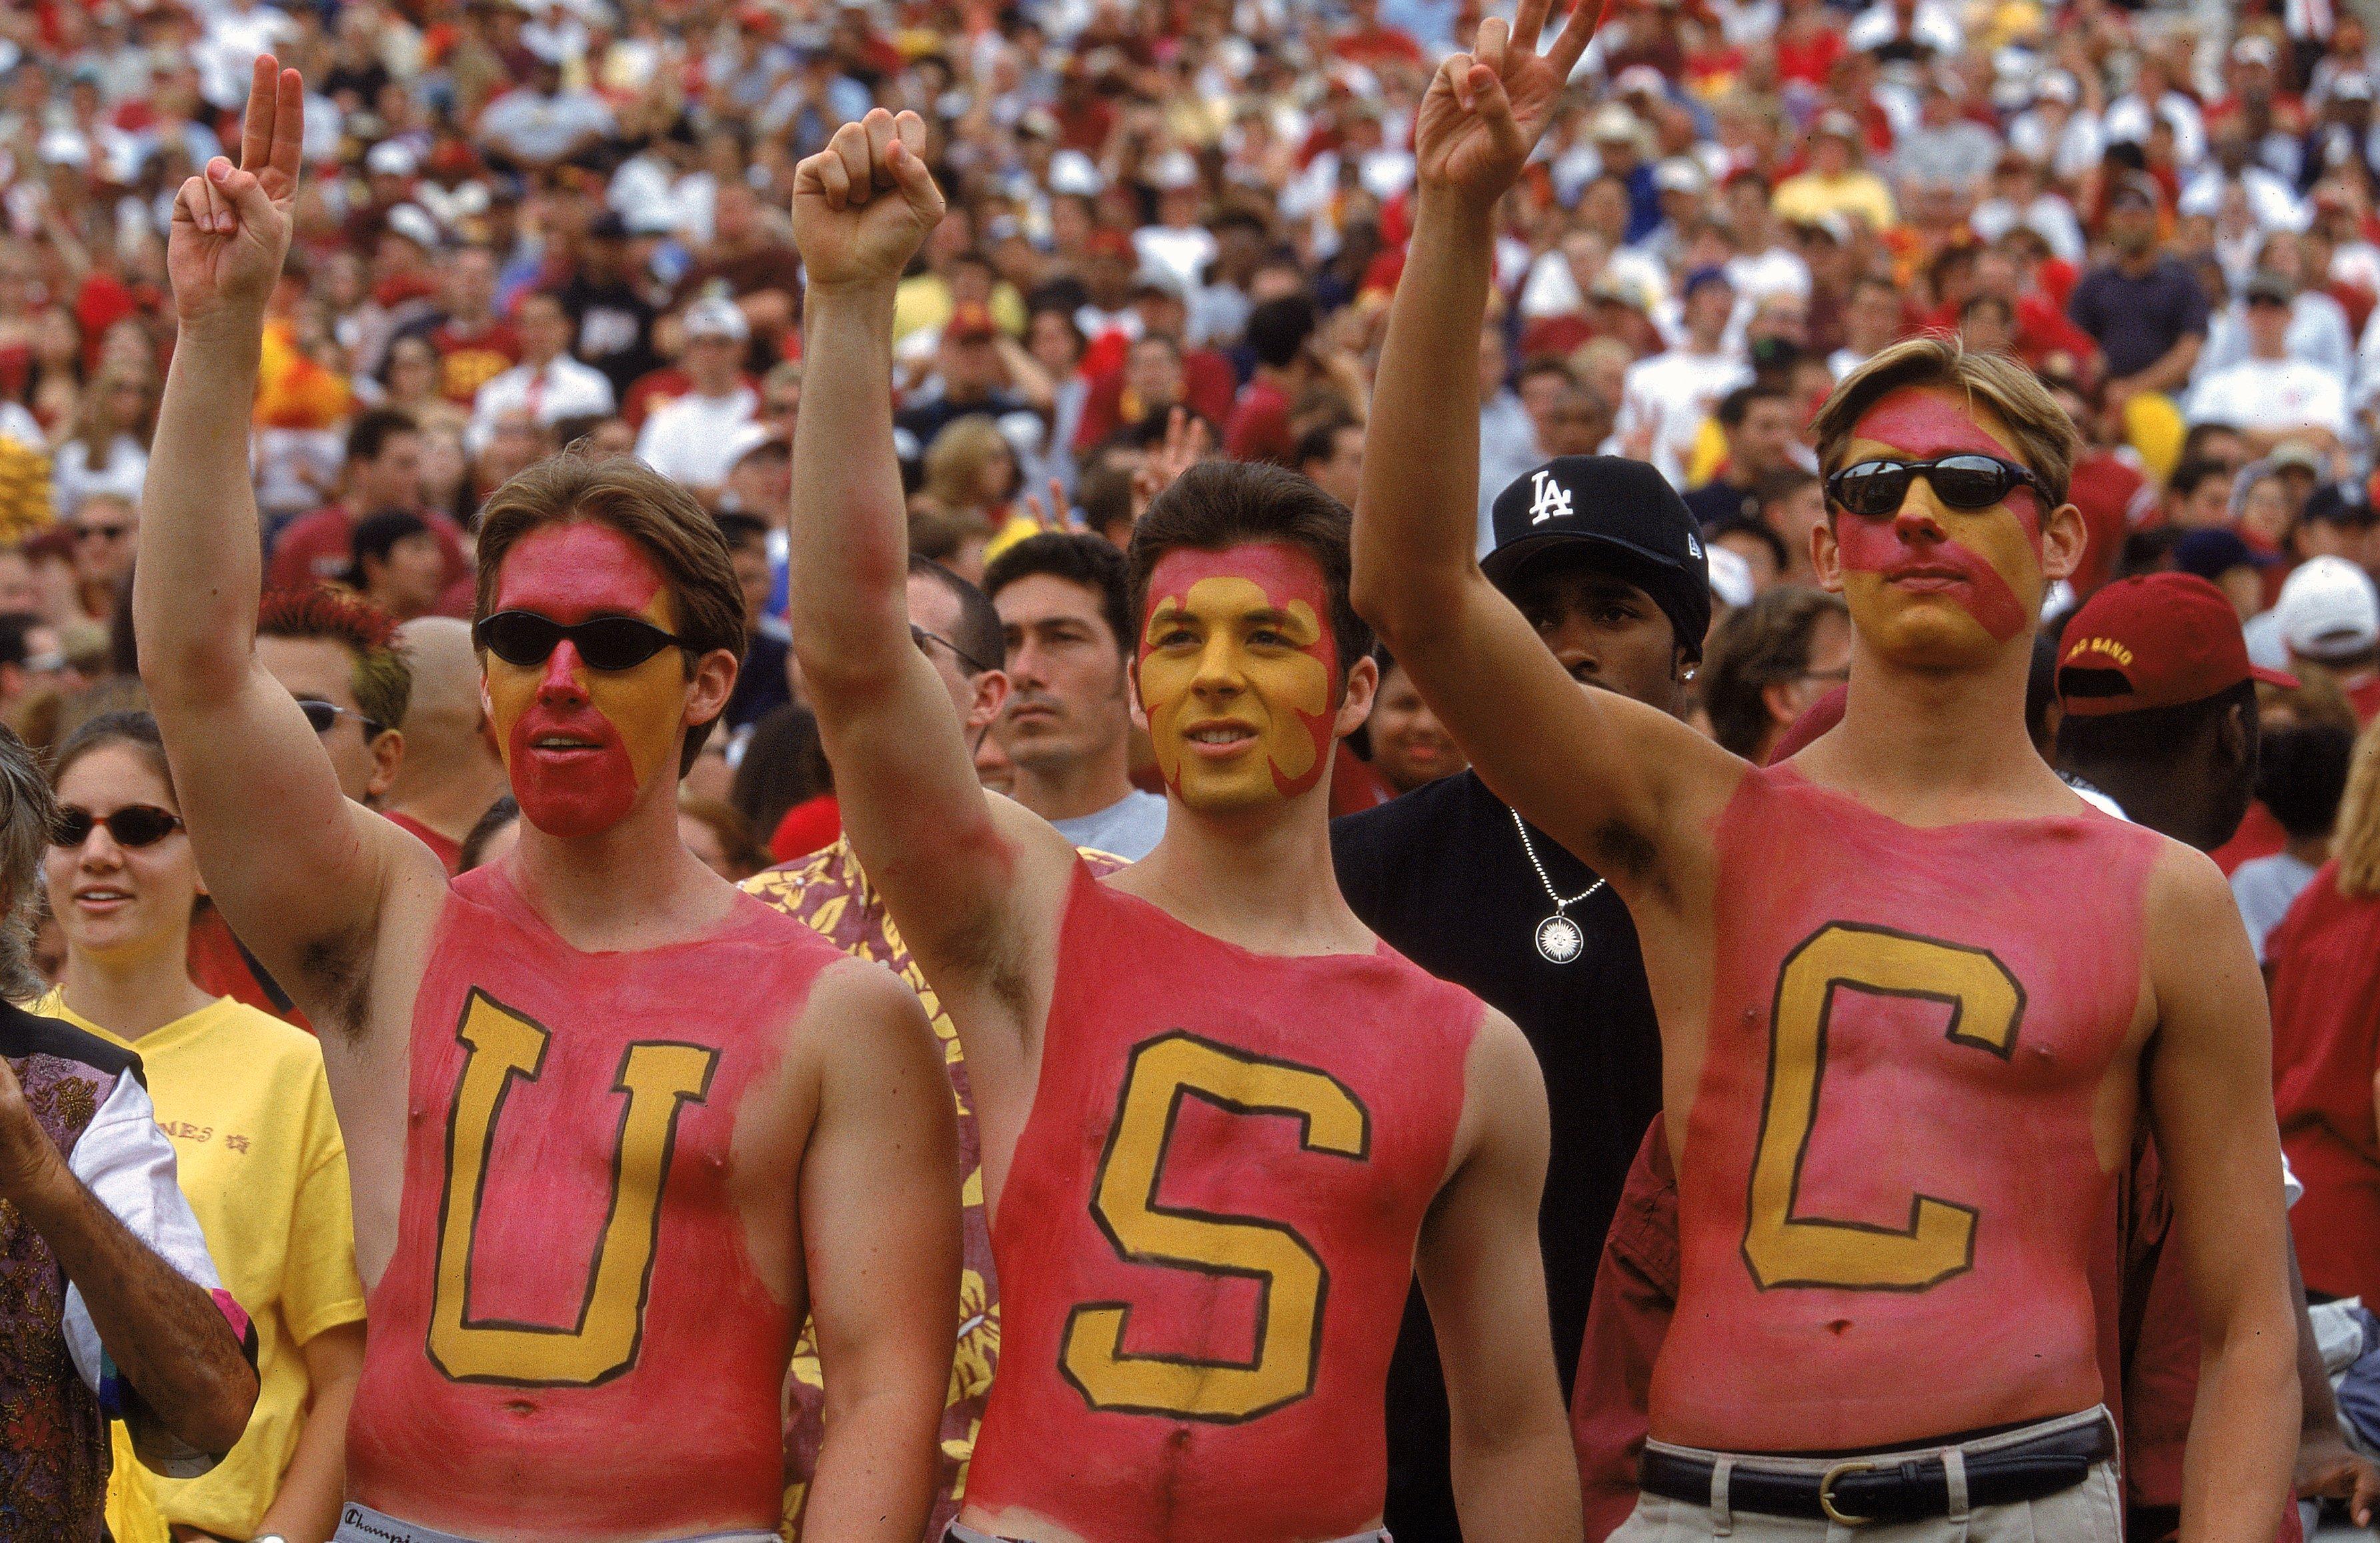 Trojan college fans